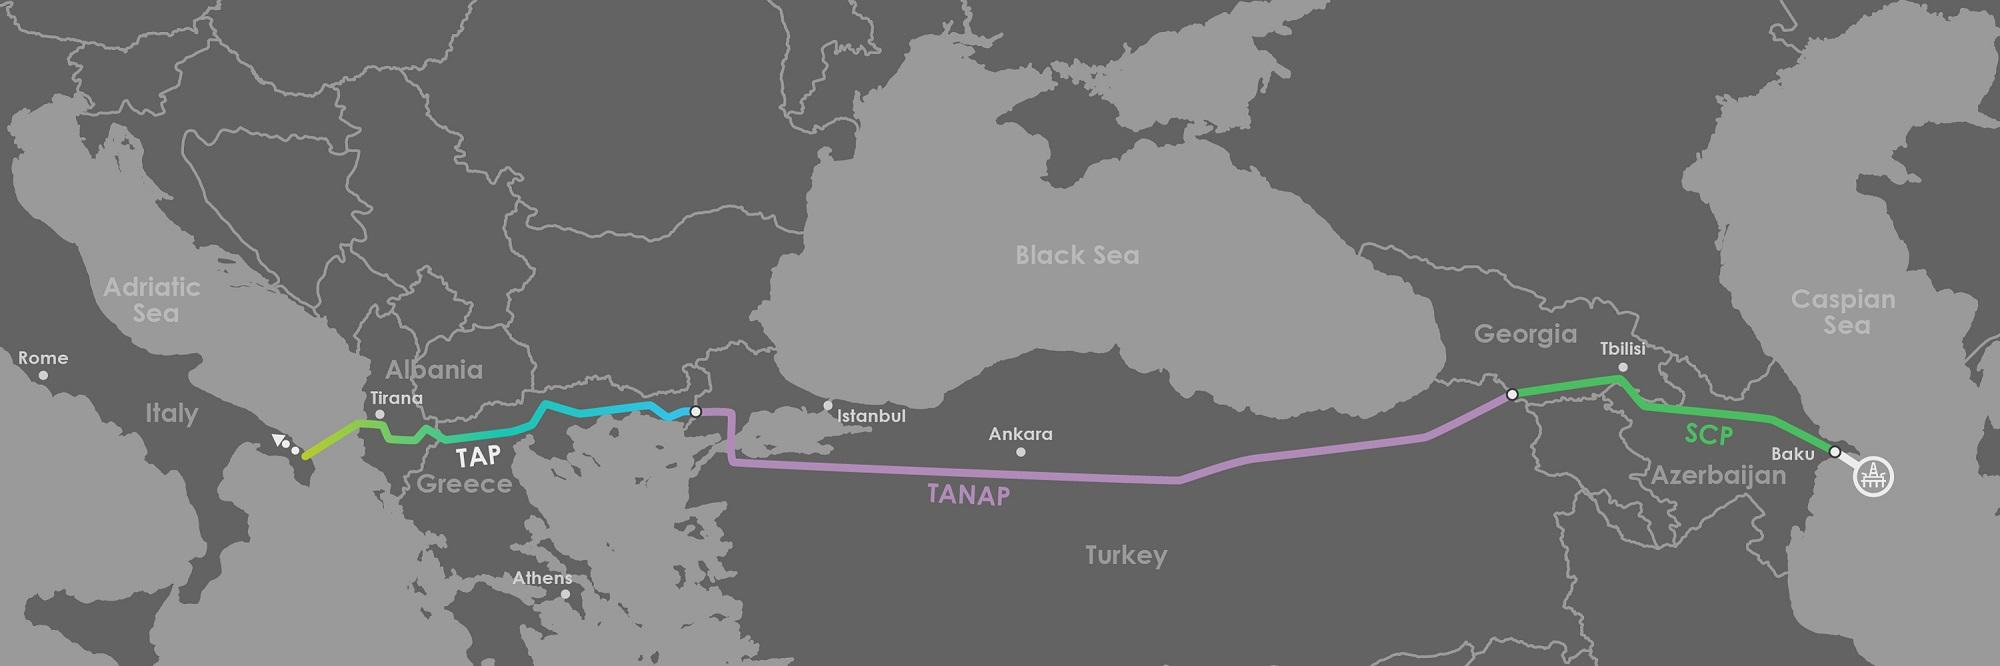 Ολοκληρώθηκε η διέλευση του αγωγού TAP από τα βουνά της Αλβανίας